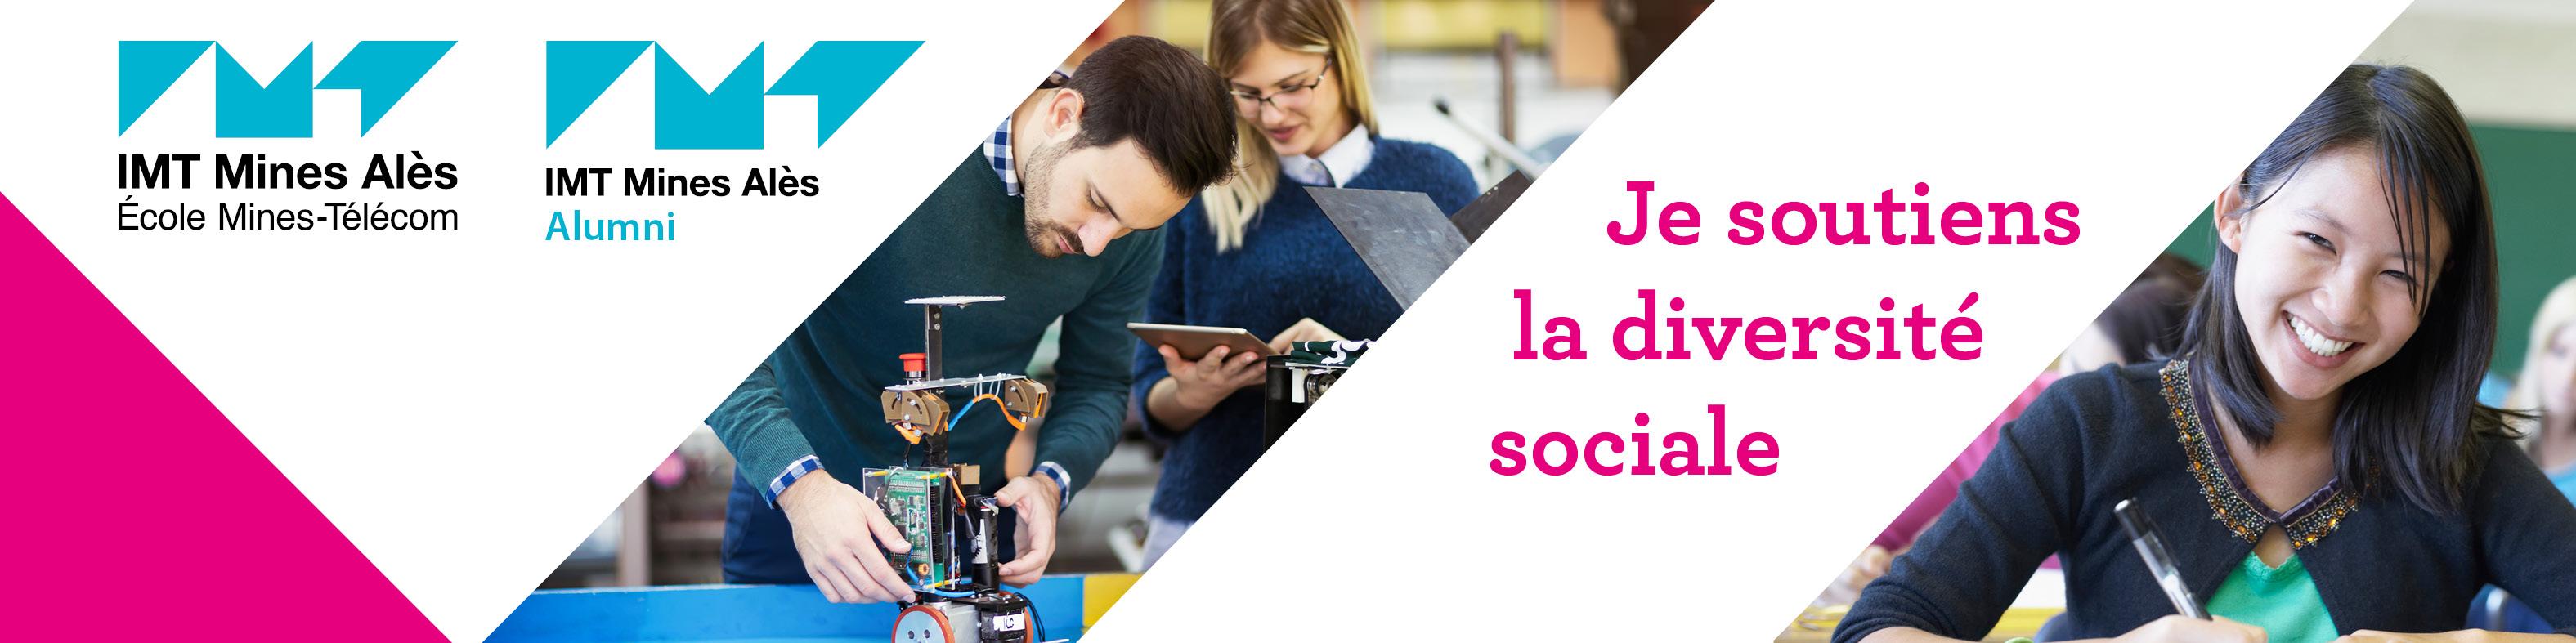 Diversité sociale IMT Mines Alès